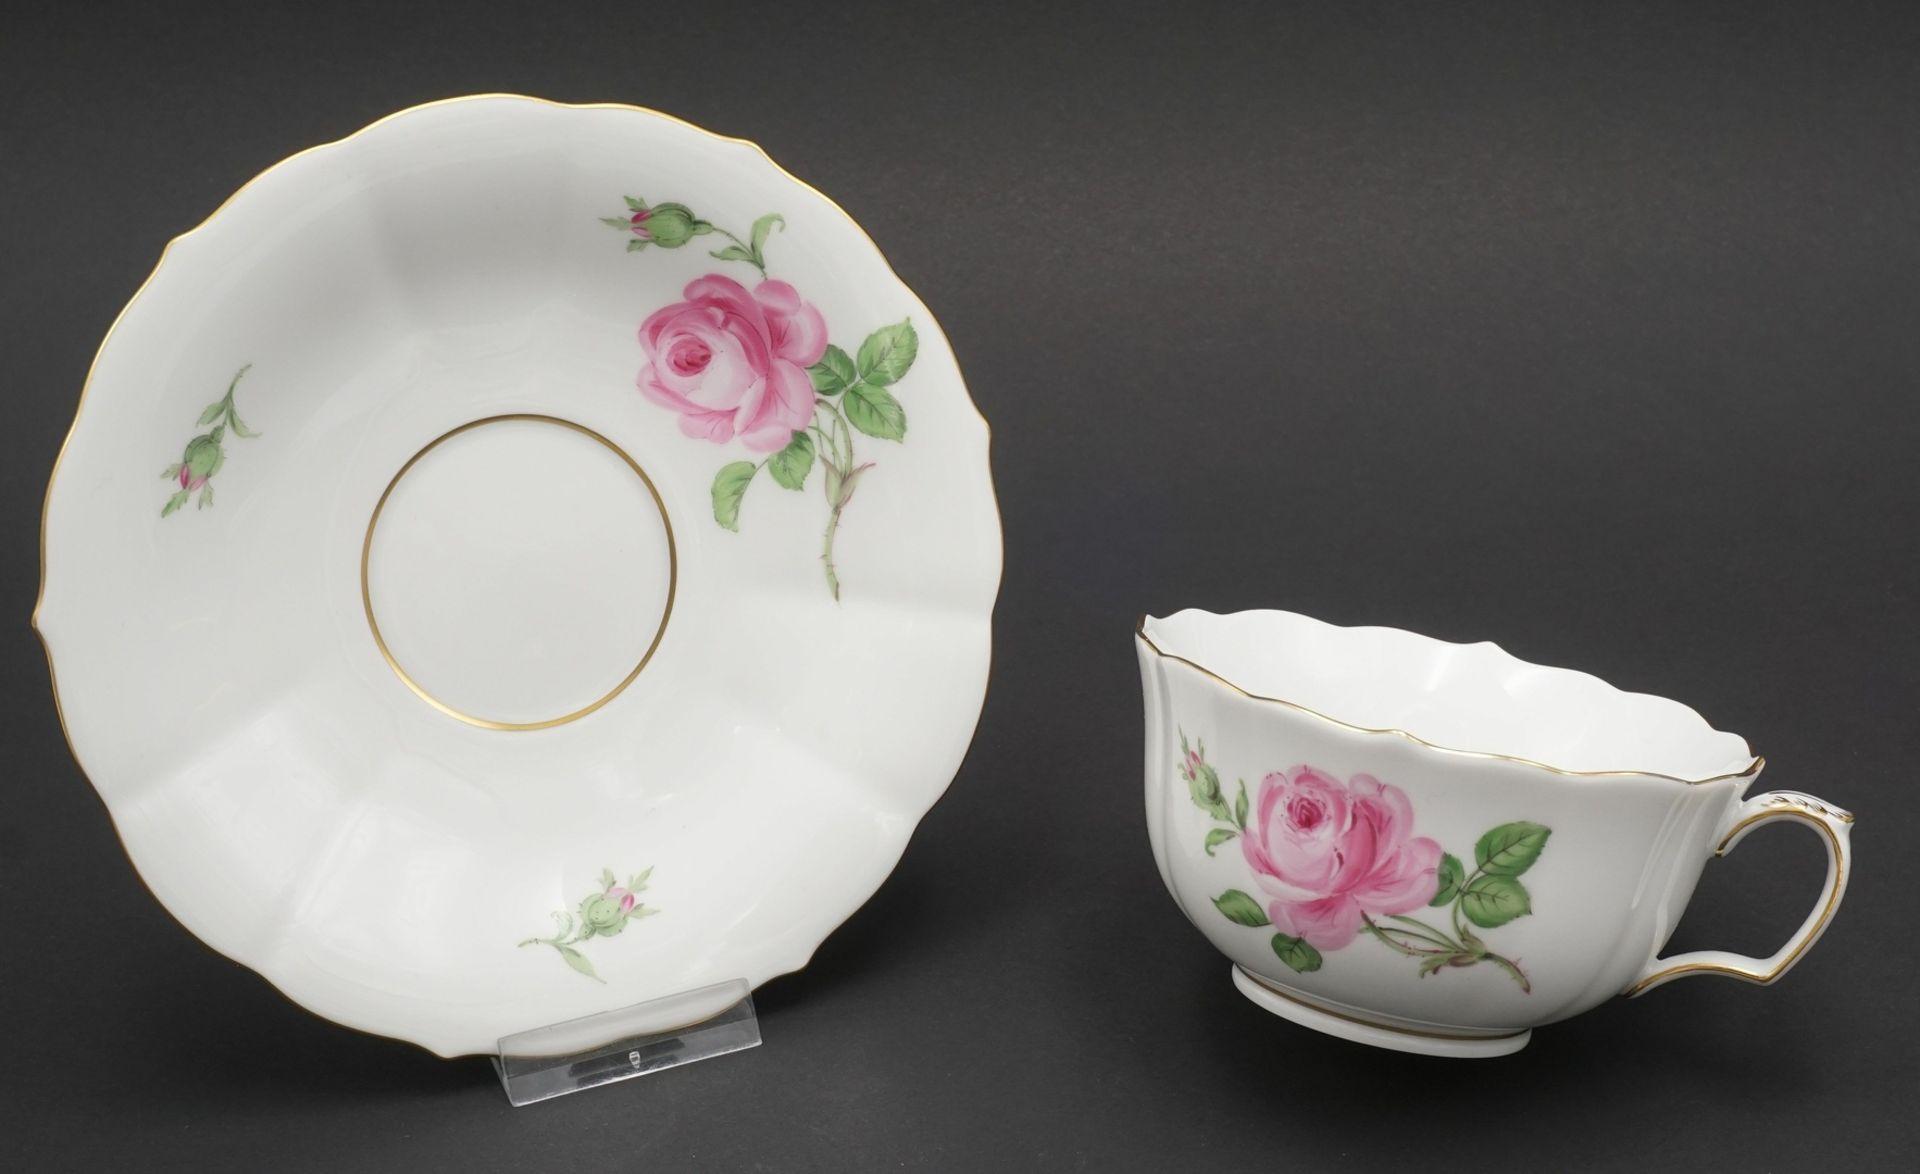 Zwei Meissen Teetassen mit Roter Rose - Bild 2 aus 3